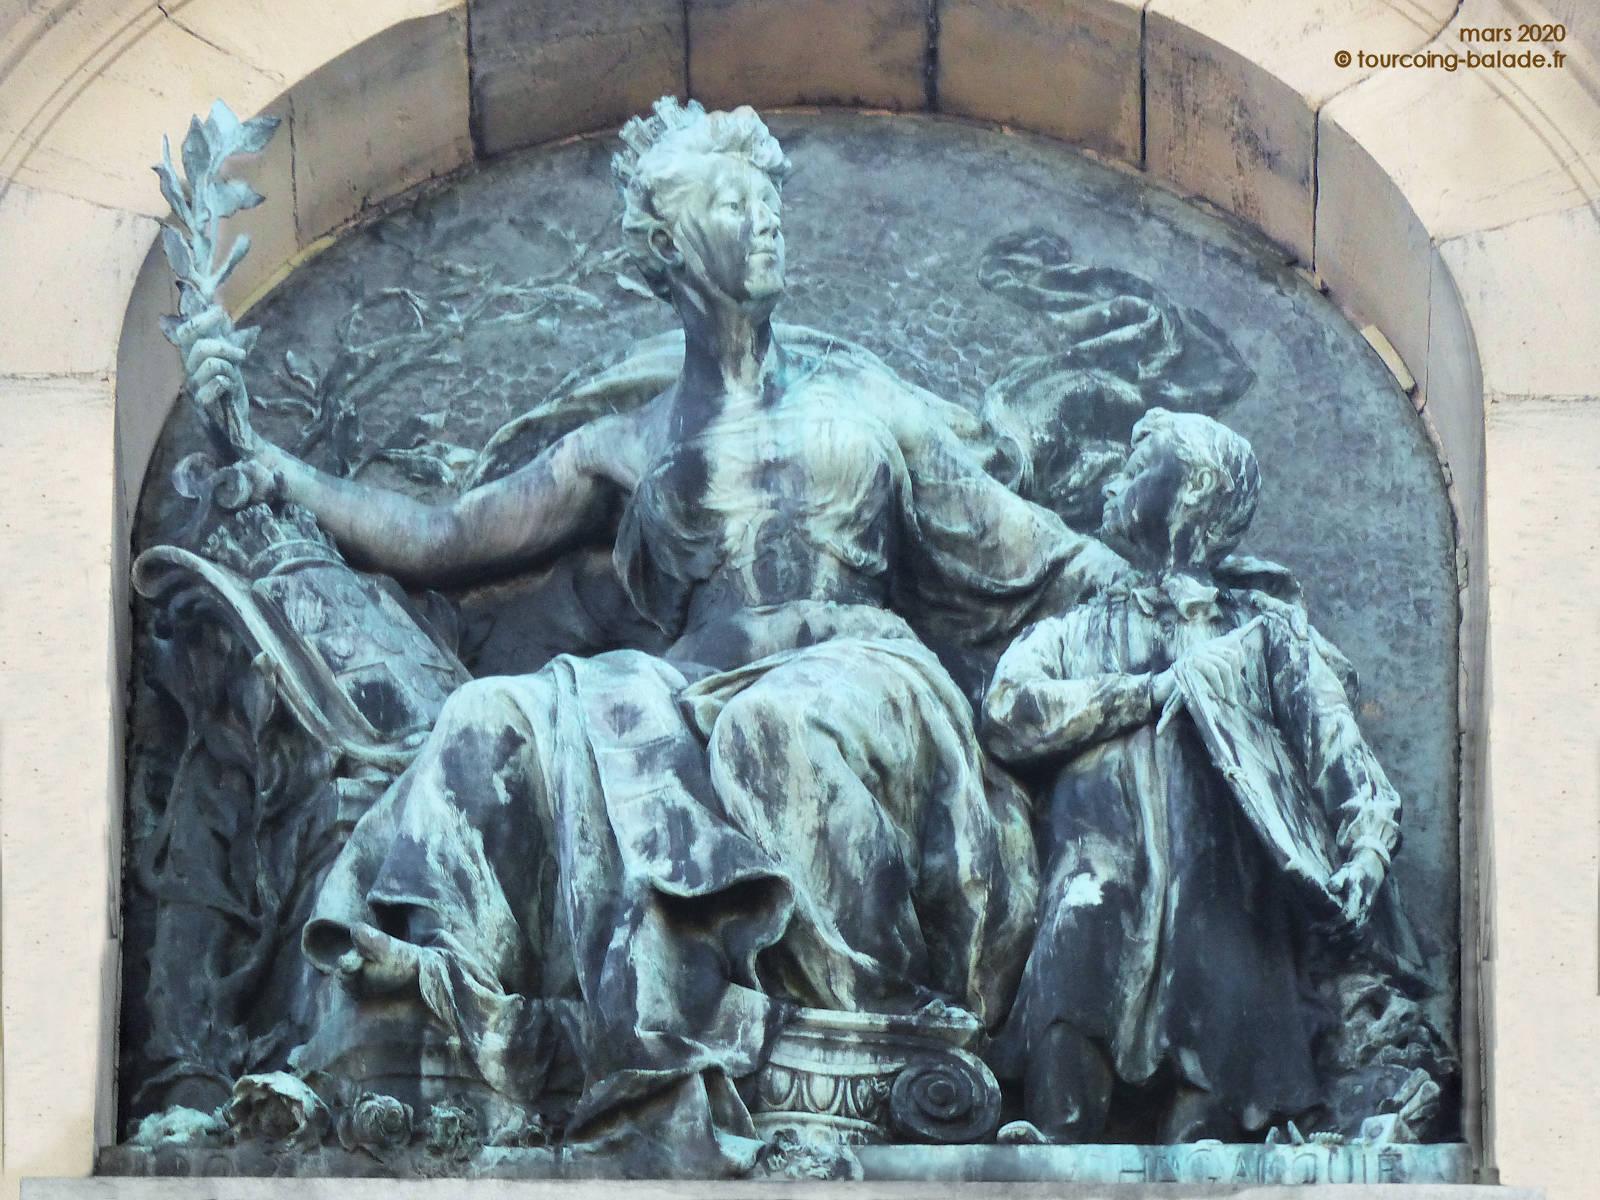 Sculpture Henri Gauquié, 1904, Tourcoing